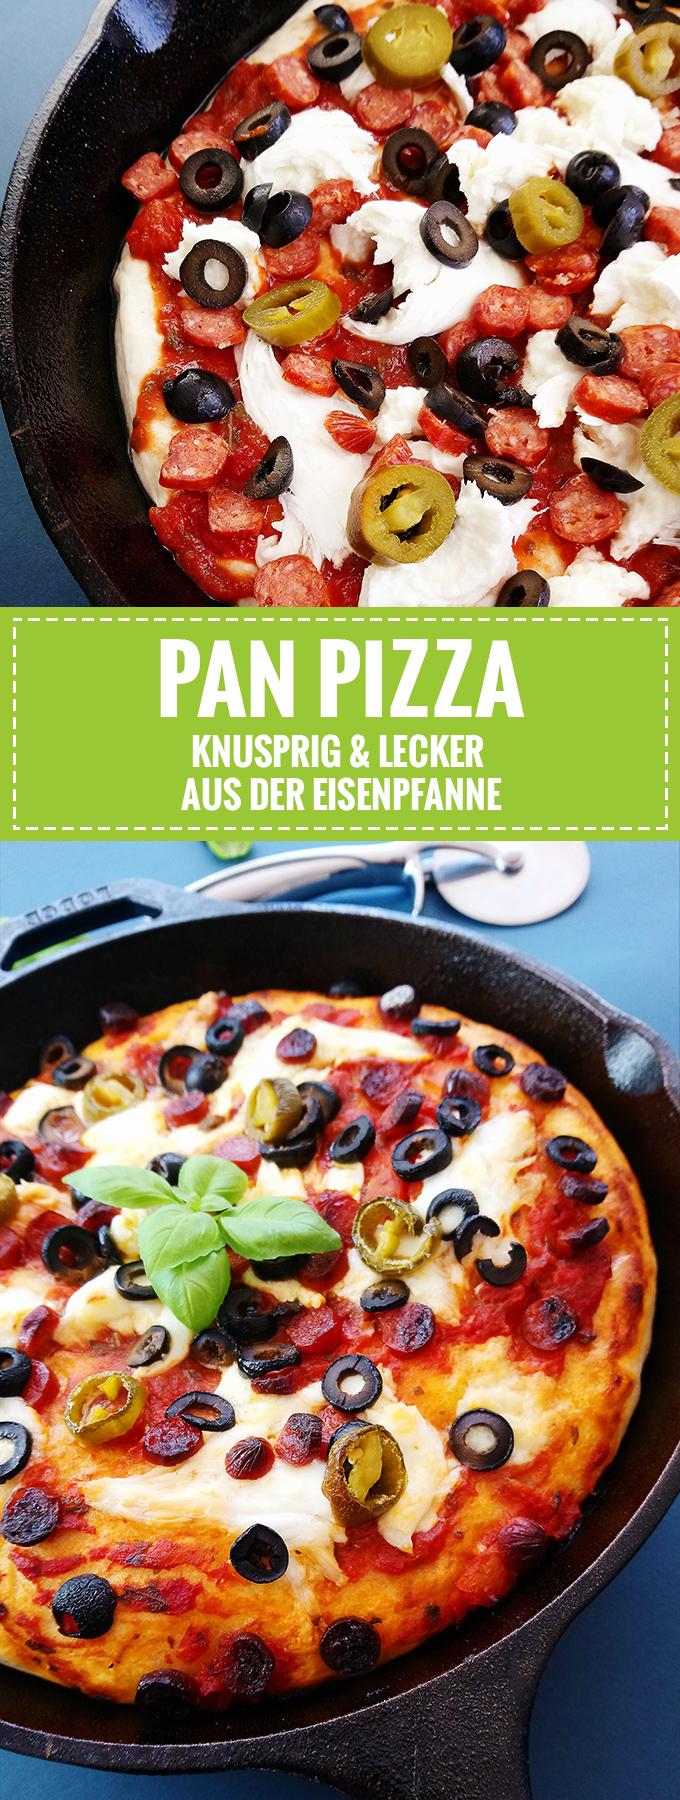 Knusprig & lecker // Pan Pizza aus der Eisenpfanne // Knabberkult.de